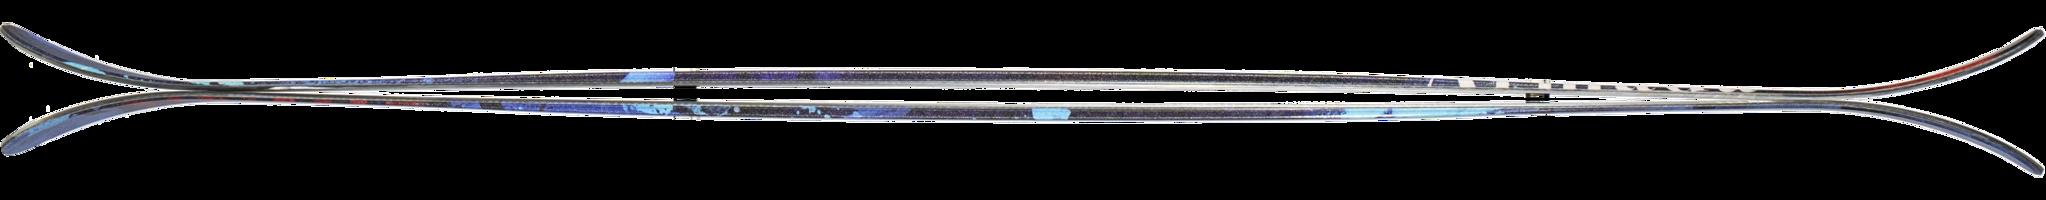 ARV 84 (156 - 170)-2